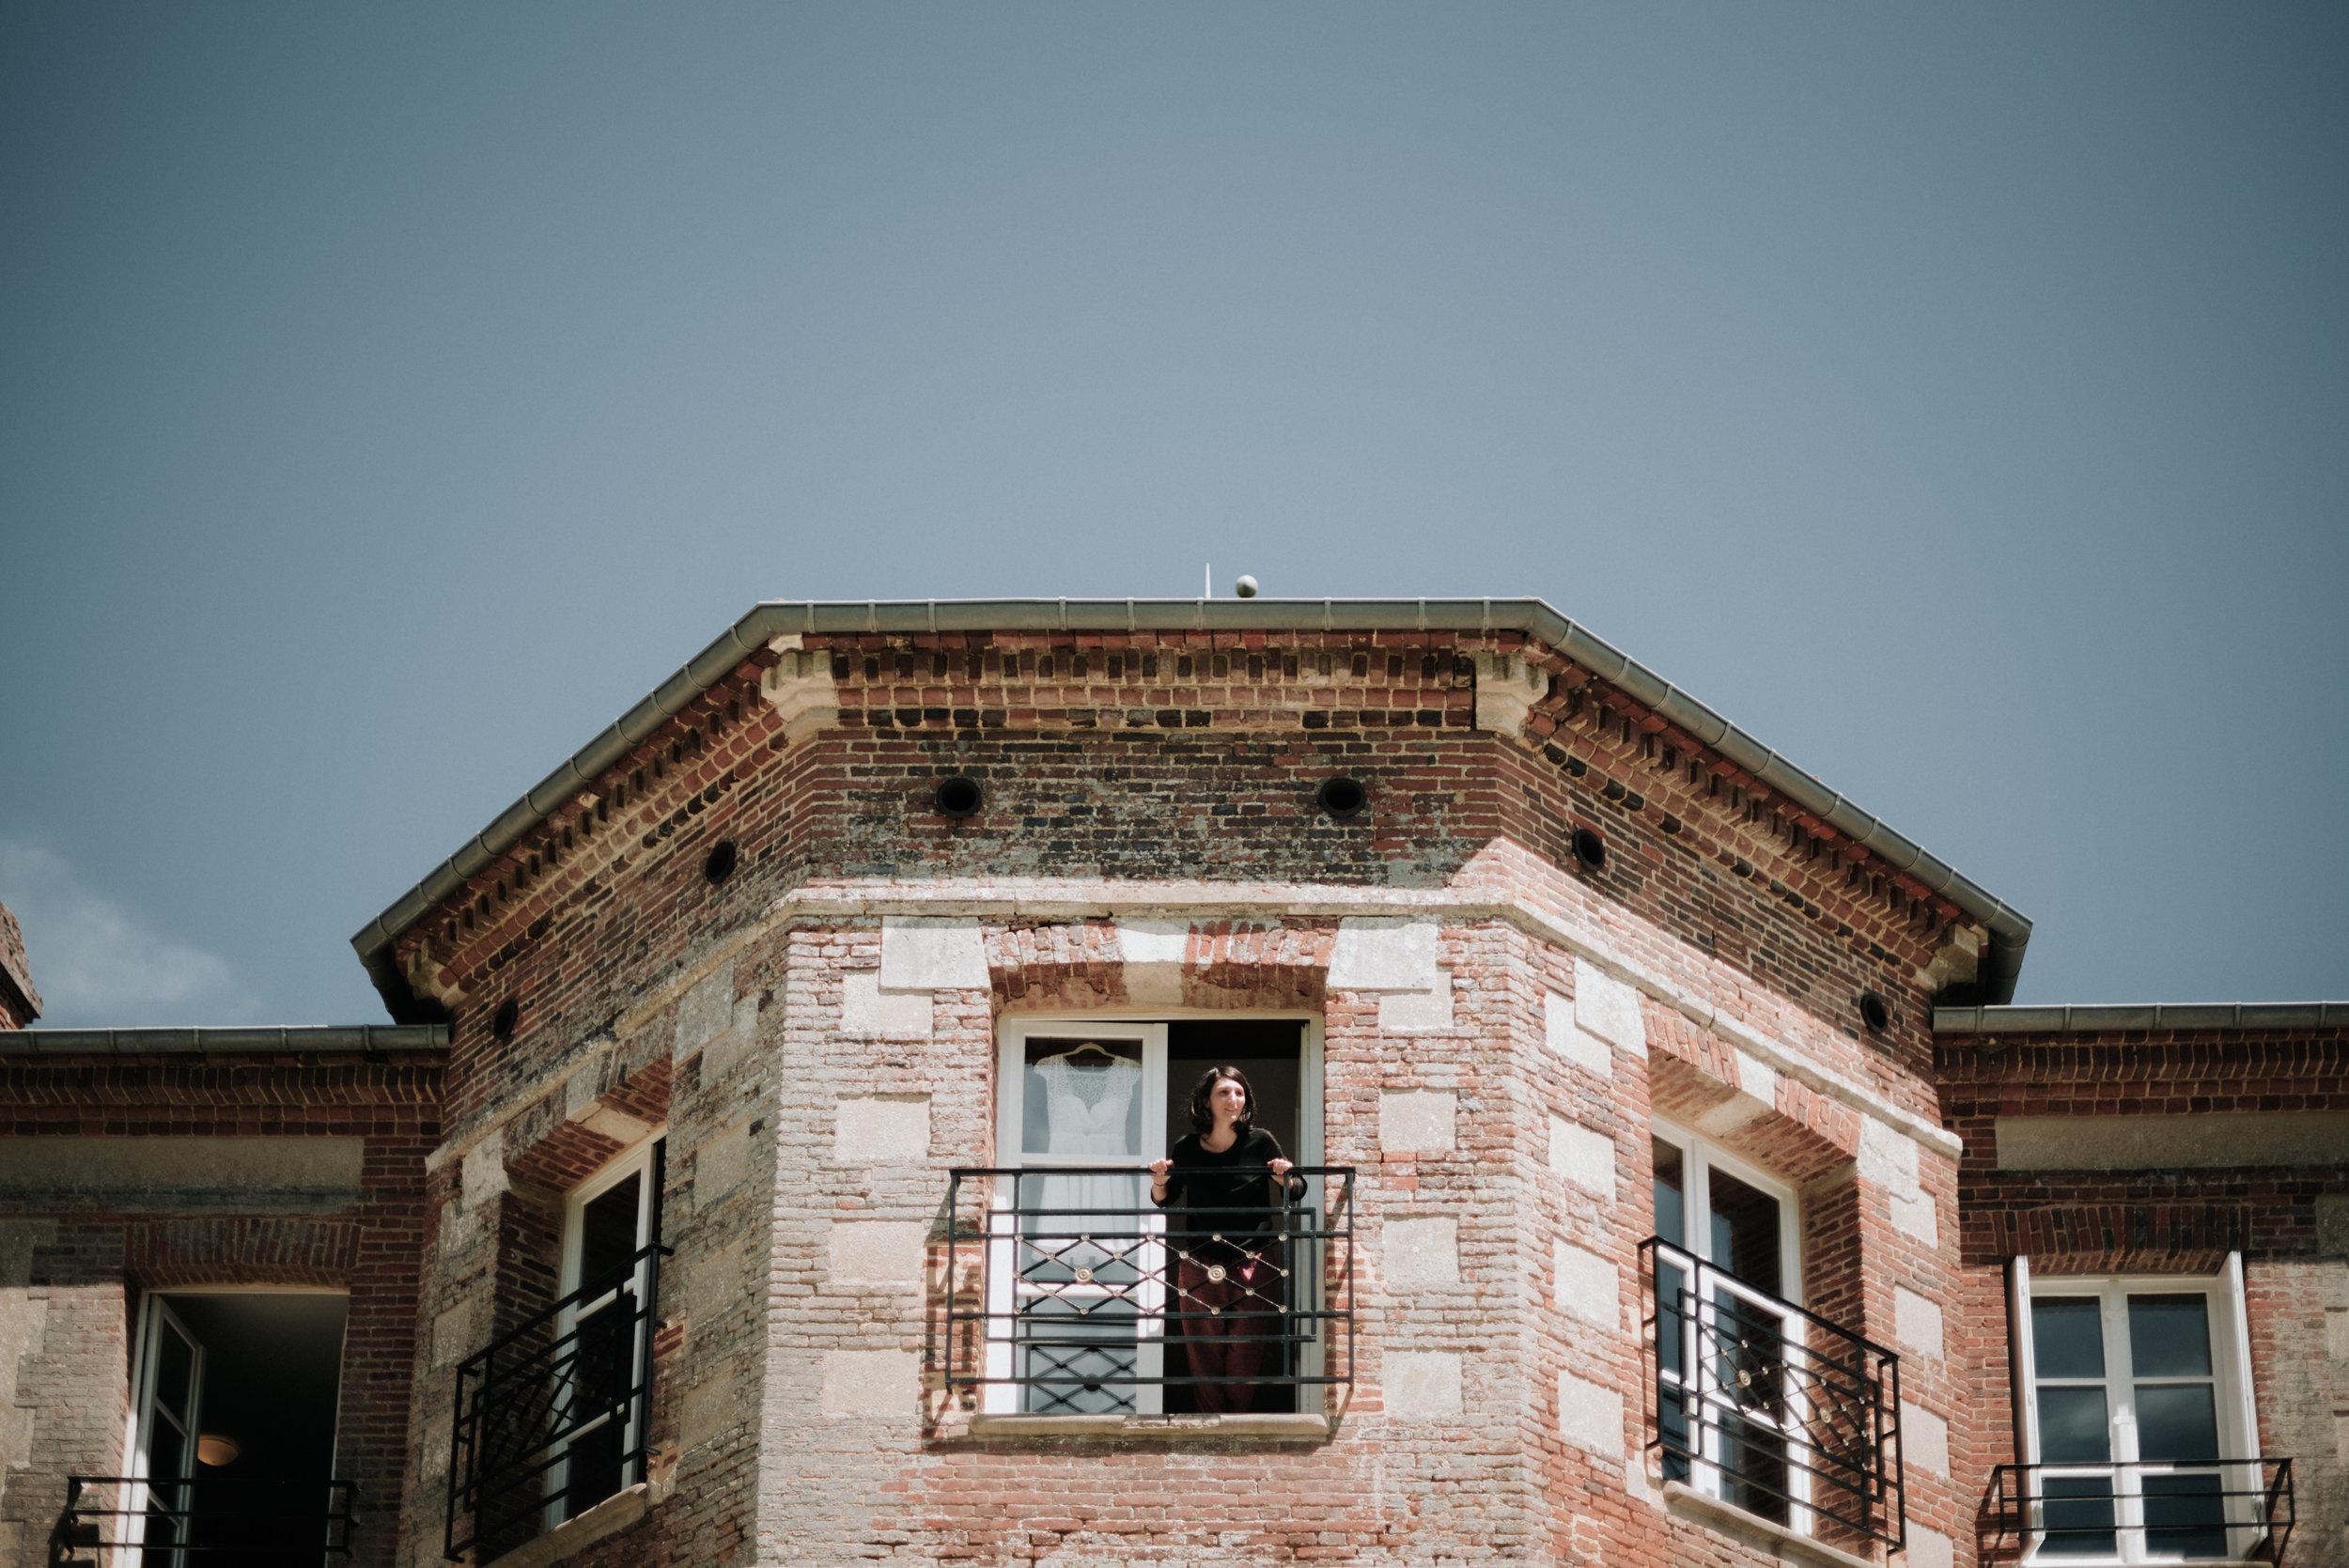 Léa-Fery-photographe-professionnel-lyon-rhone-alpes-portrait-creation-mariage-evenement-evenementiel-famille-4823 (2).jpg